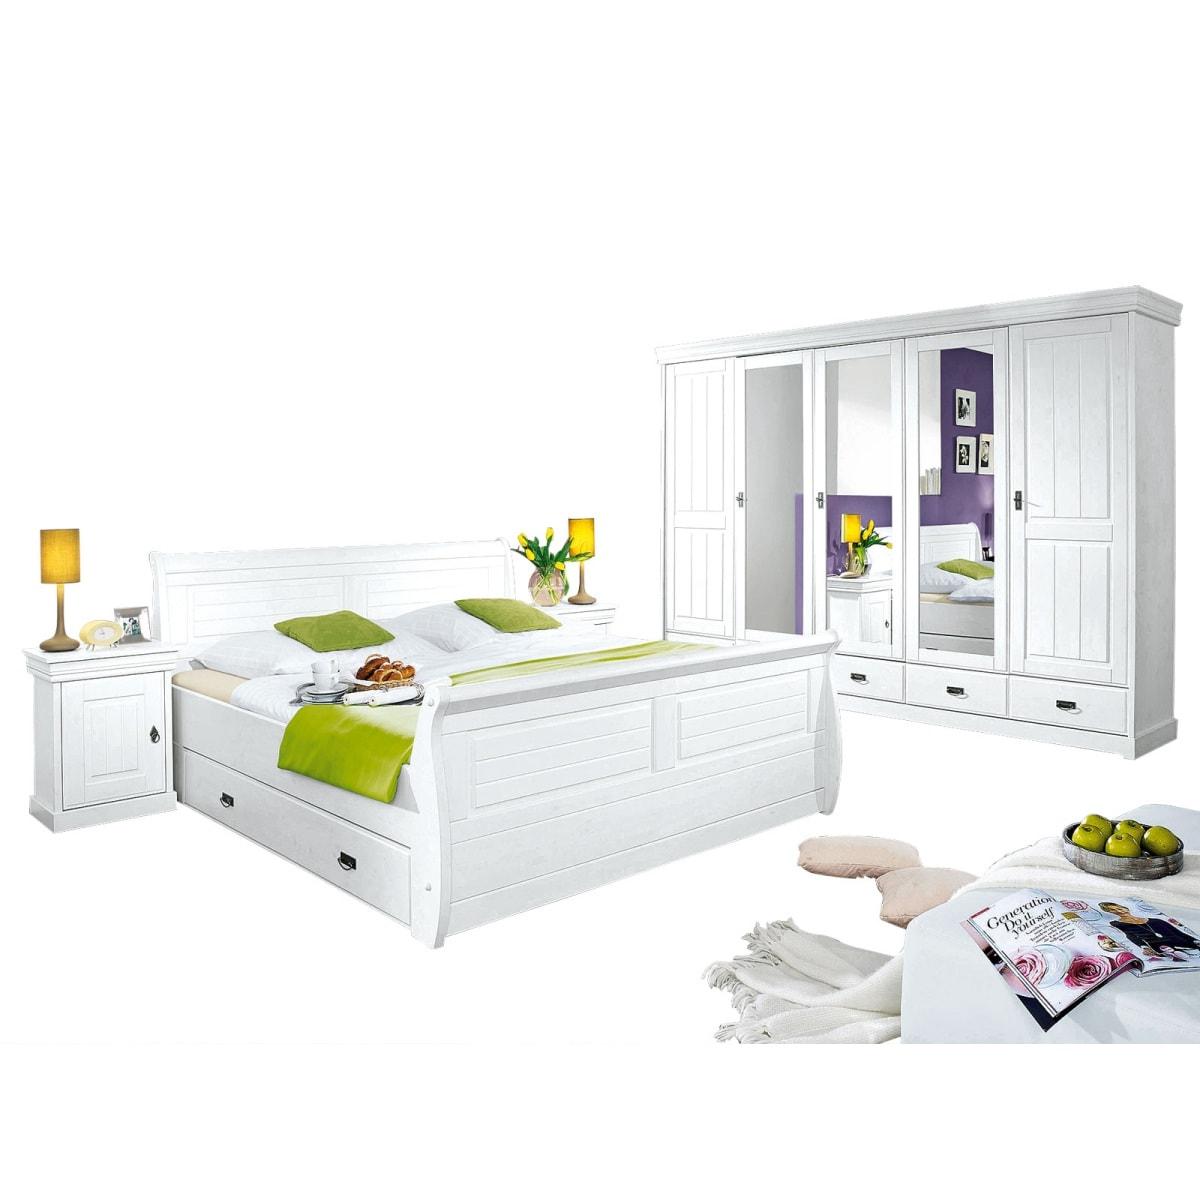 Schlafzimmer kiefer massiv wei gewachst ca 180 x 200 cm for Ecksofa 180 x 200